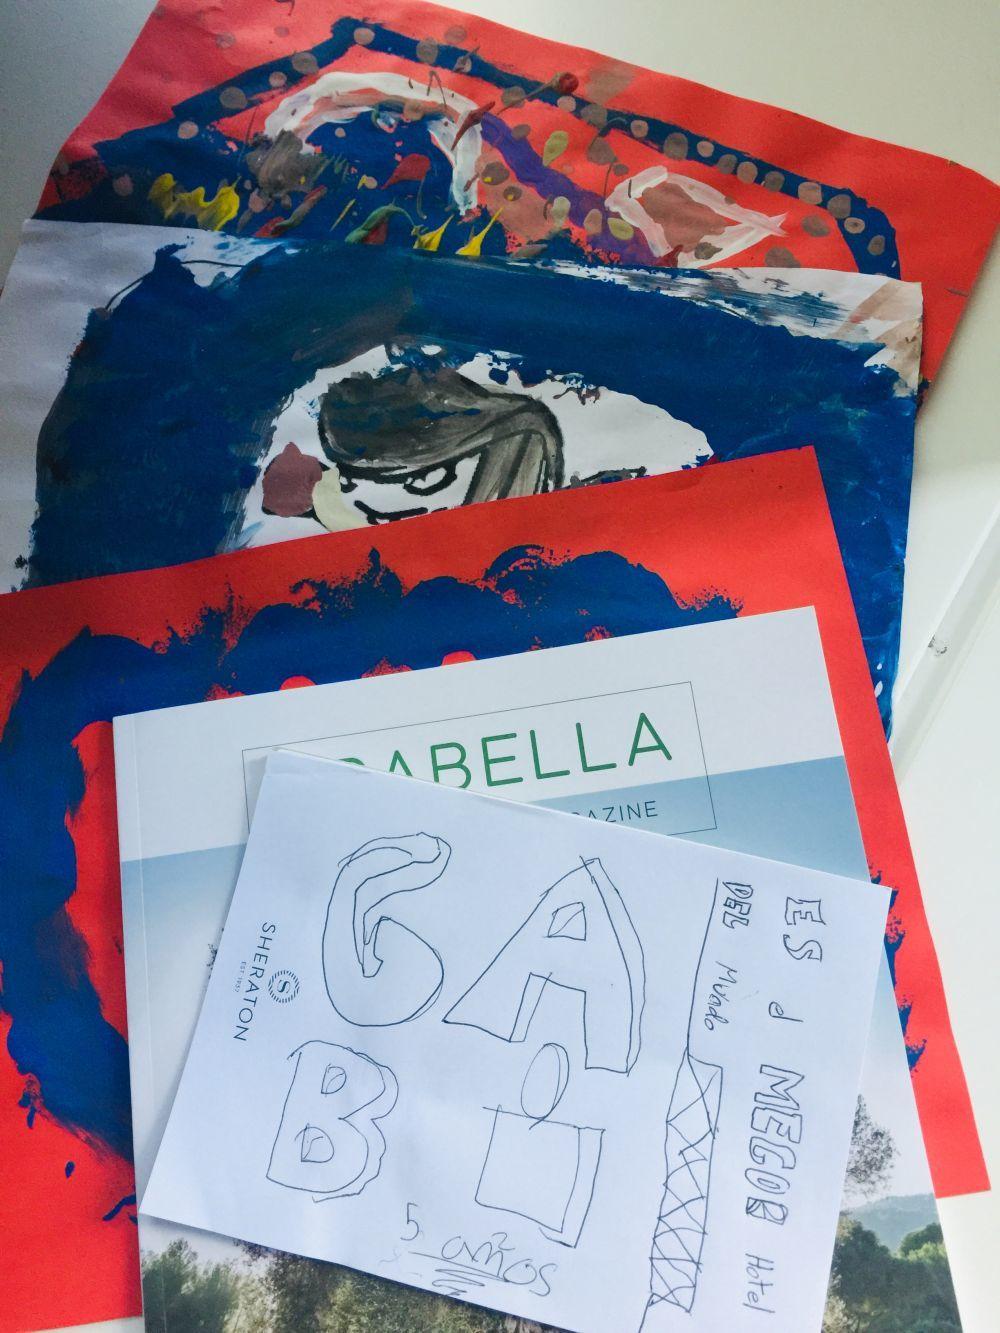 Dibujos que mis hijos hicieron durante su estancia en el Hotel Sheraton Arabella.